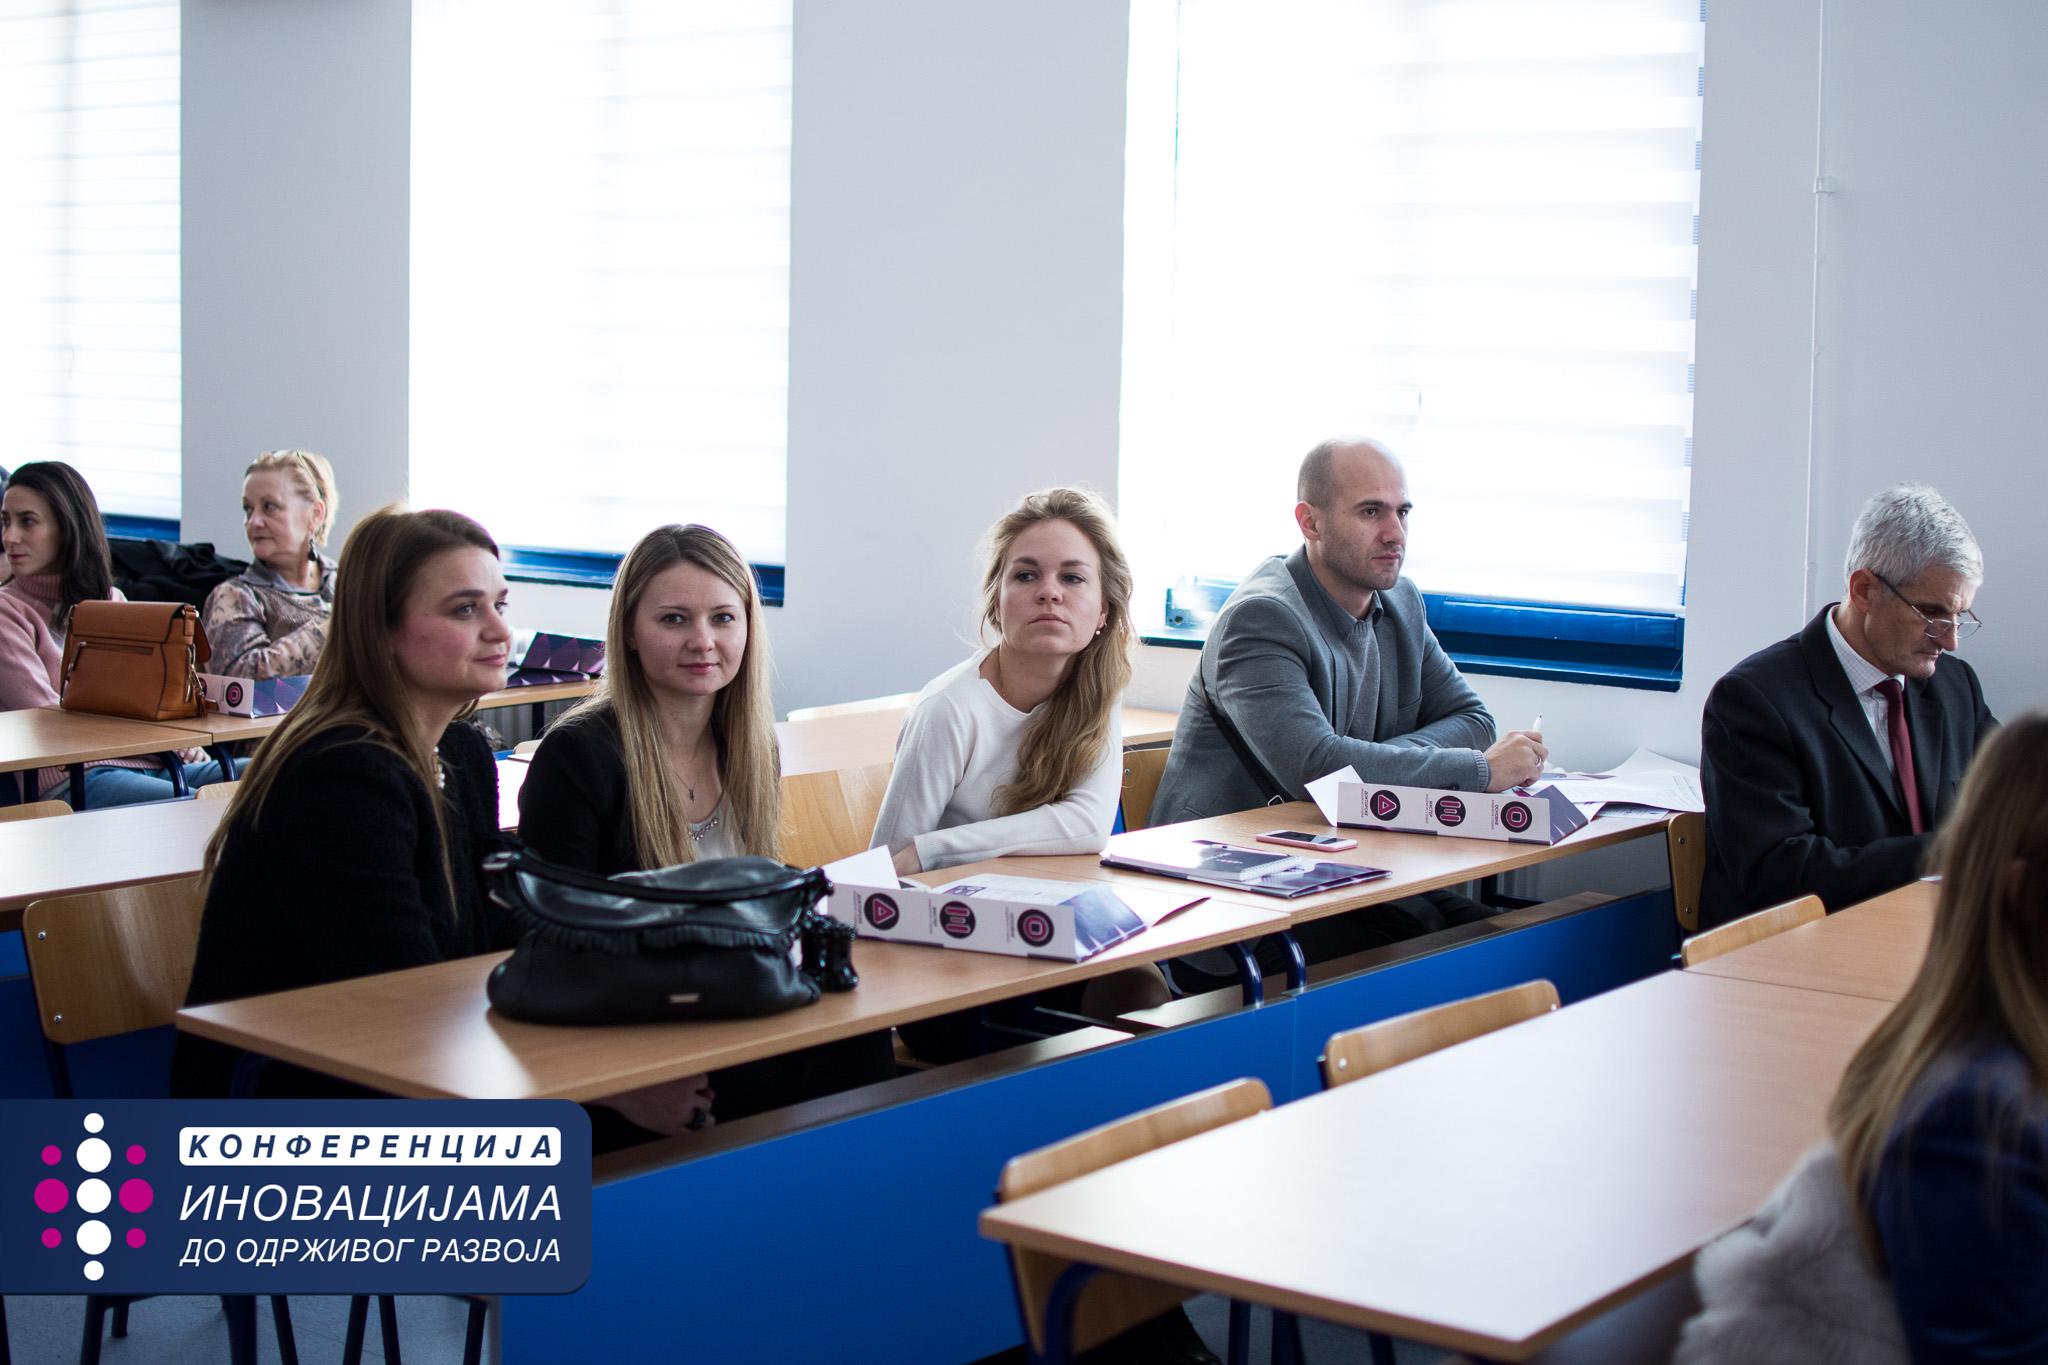 MEF Fakultet - izvestaj sa konferencije 7